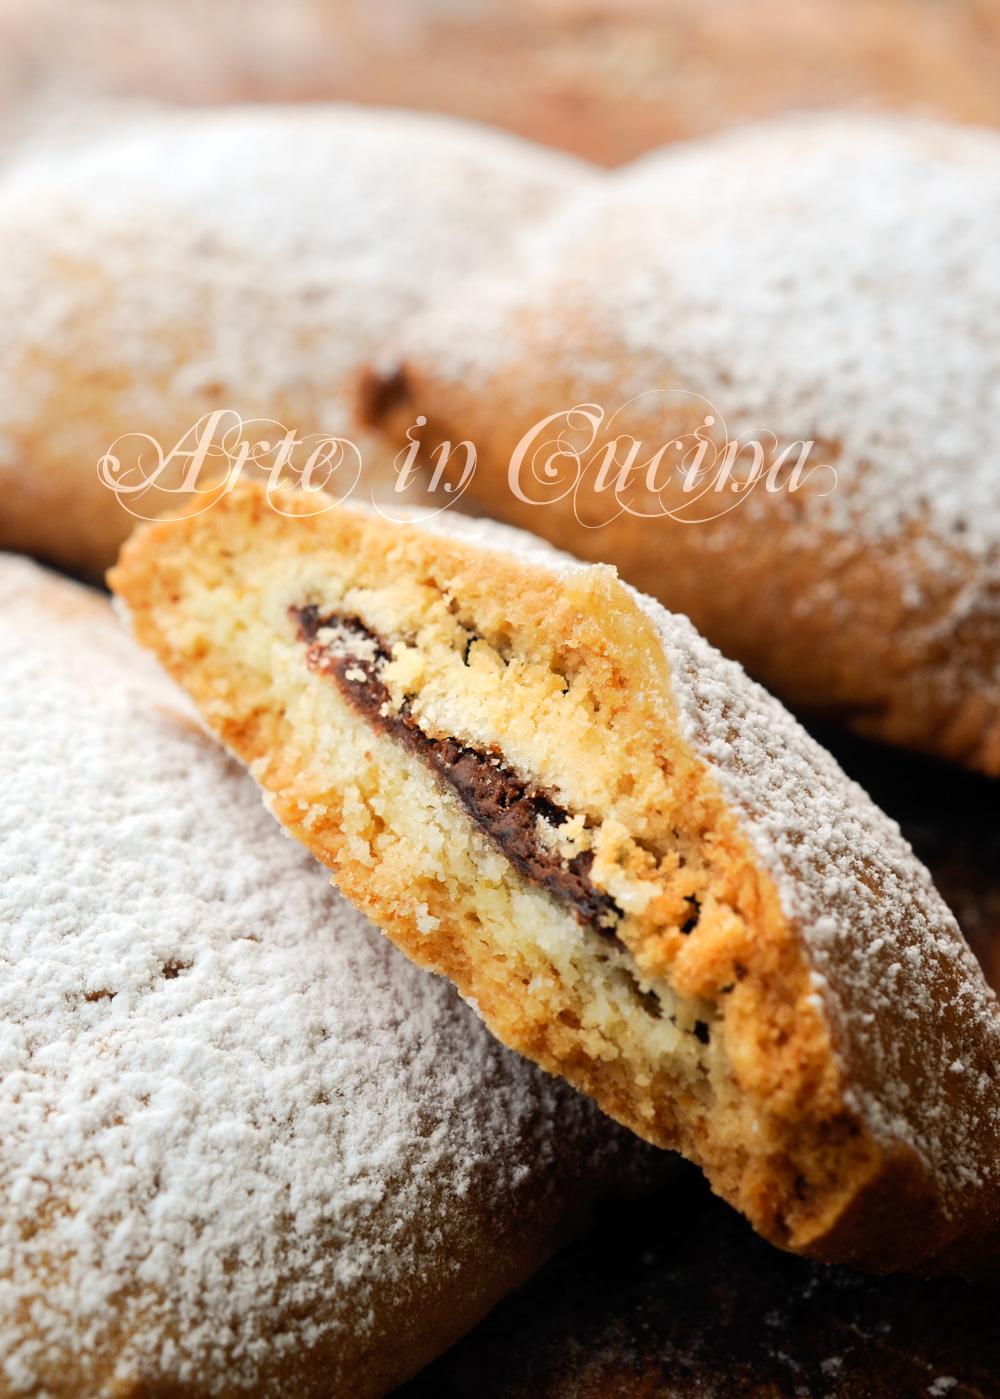 Ravioli dolci alla nutella biscotti ripieni vickyart arte in cucina